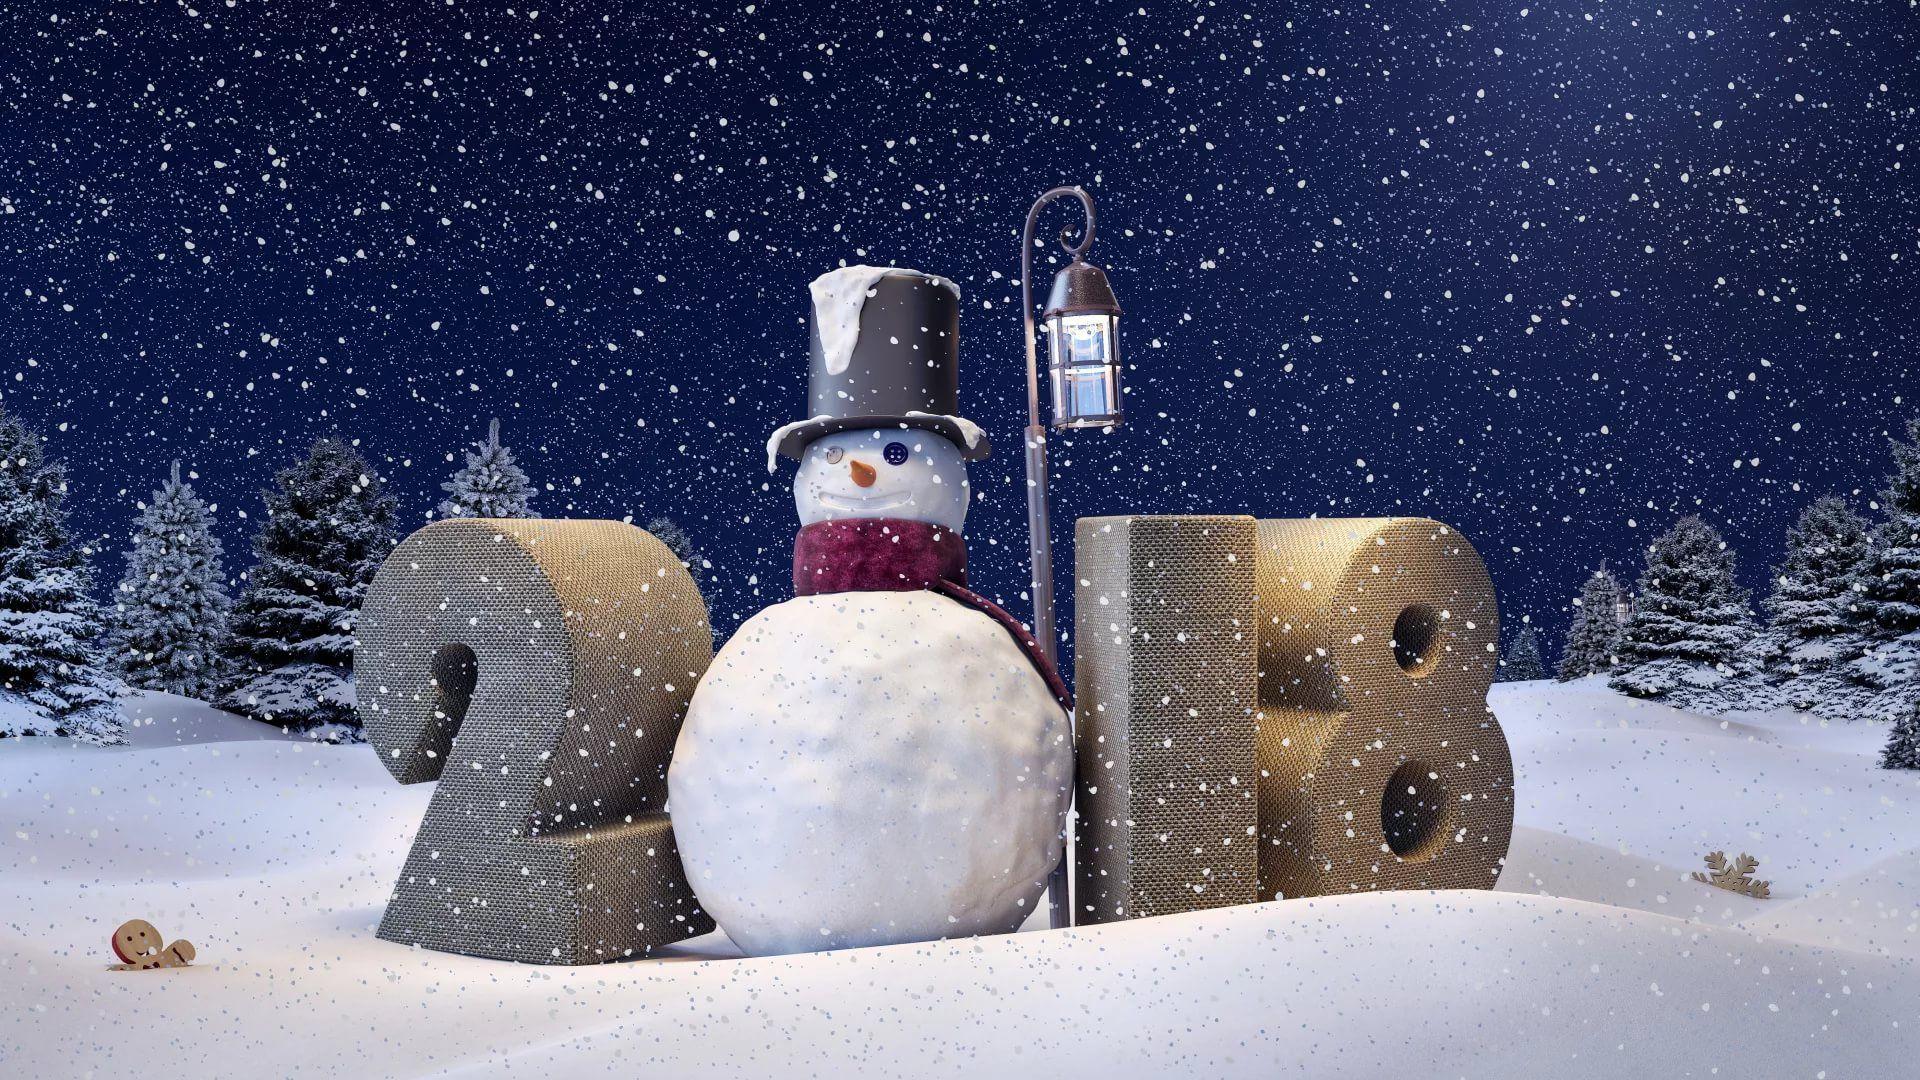 Happy Winter wallpaper download